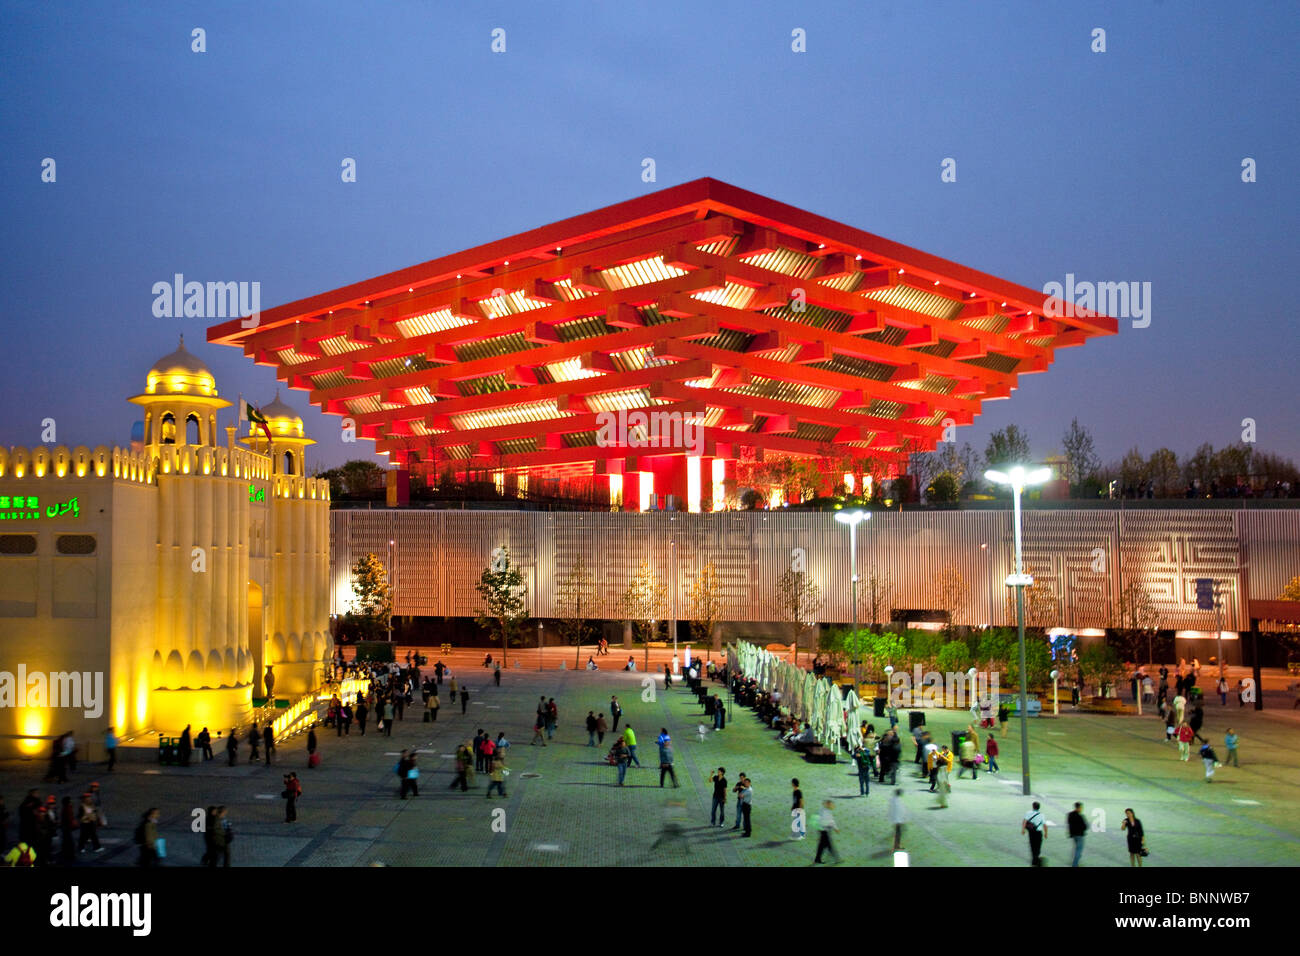 China Shanghai Expo China Pavillion world exhibit traveling tourism vacation holidays - Stock Image